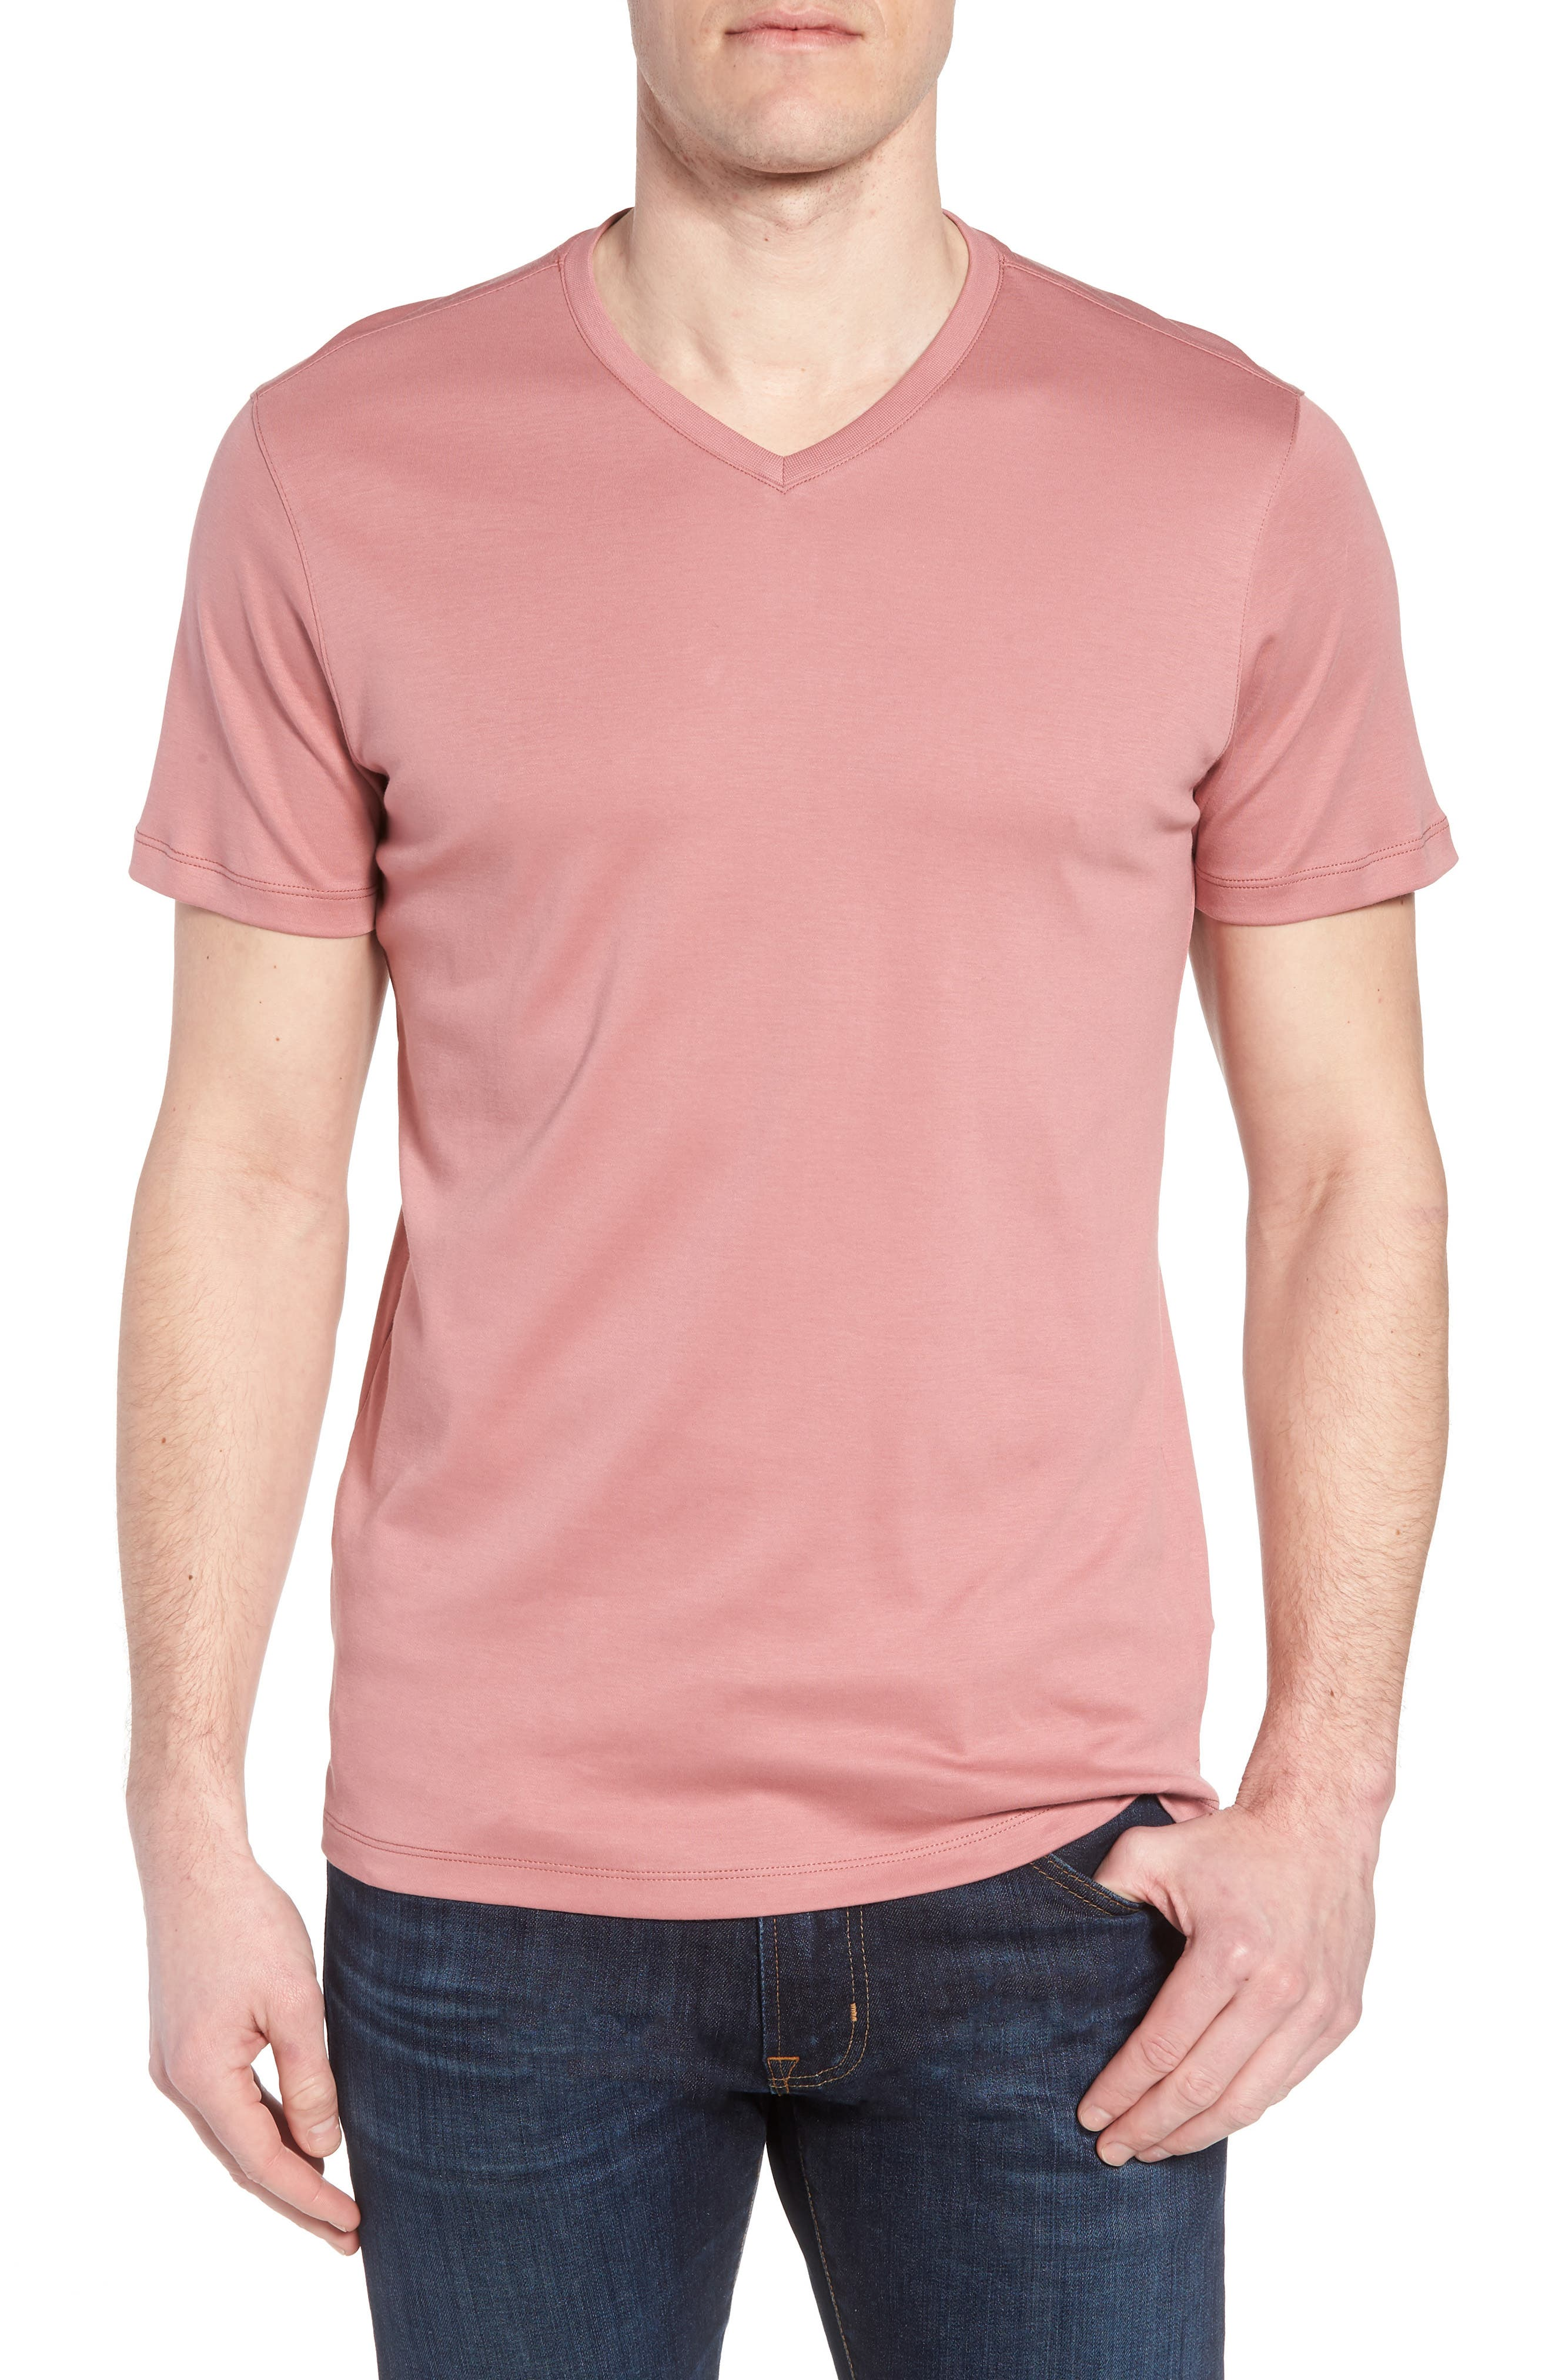 V Neck Shirts